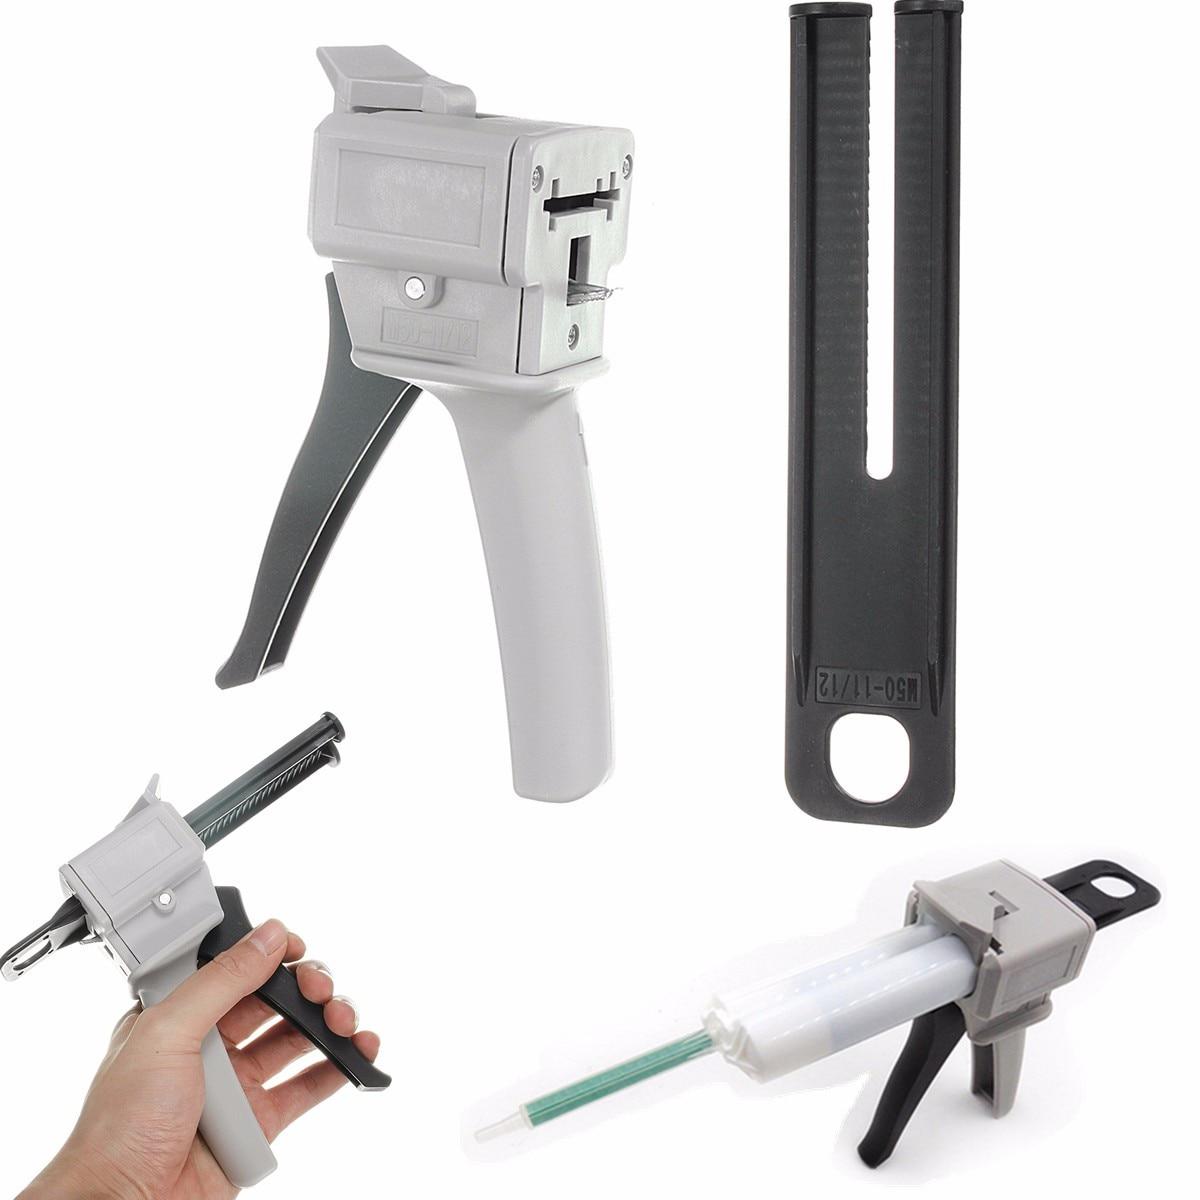 GlueGun 50ml Two Component AB Epoxy Sealant GlueGun Applicator Glue Adhensive Squeeze Mixed 1:1 Manual CaulkingGun Dispenser